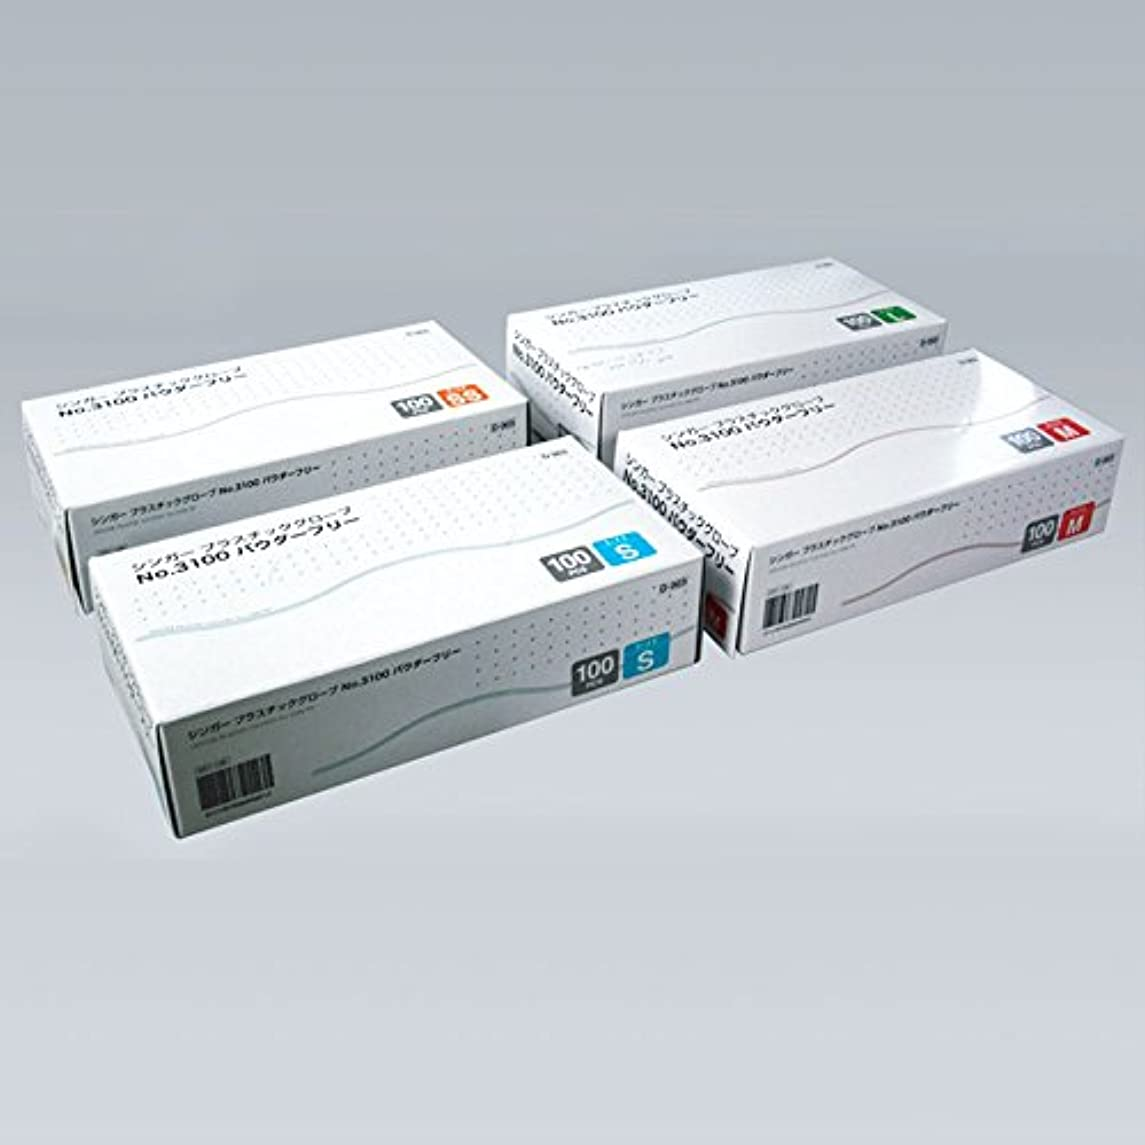 方言動詞パンフレットシンガープラスチックグローブNo3100 パウダーフリー500枚 (100枚入り×5箱) (S)